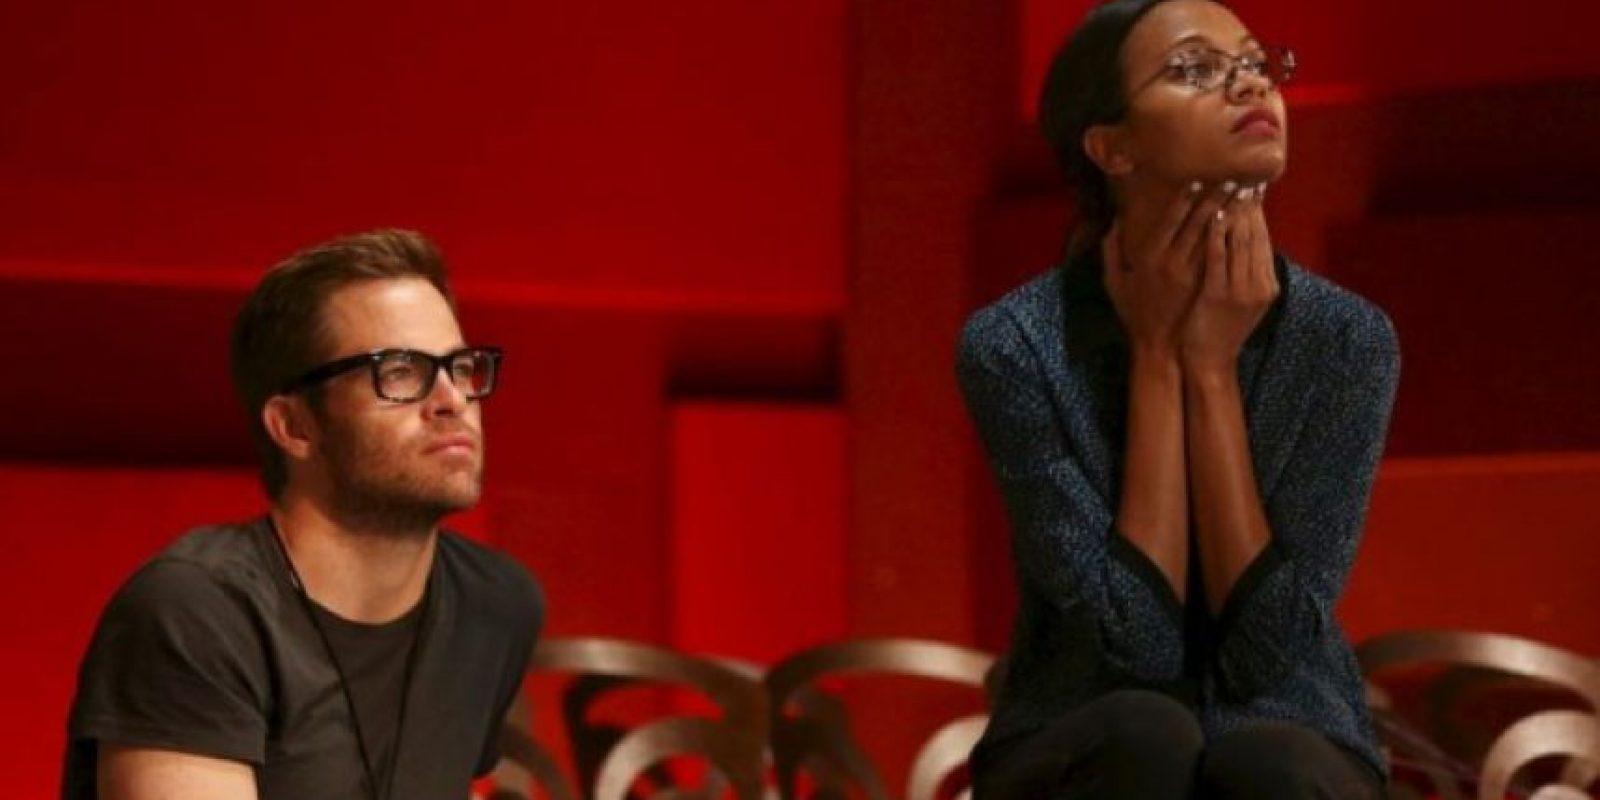 Los actores Chris Pine (izquierda) y Zoe Saldaña (derecha) observan el ensayo de la 85 entrega de los Premios de la Academia